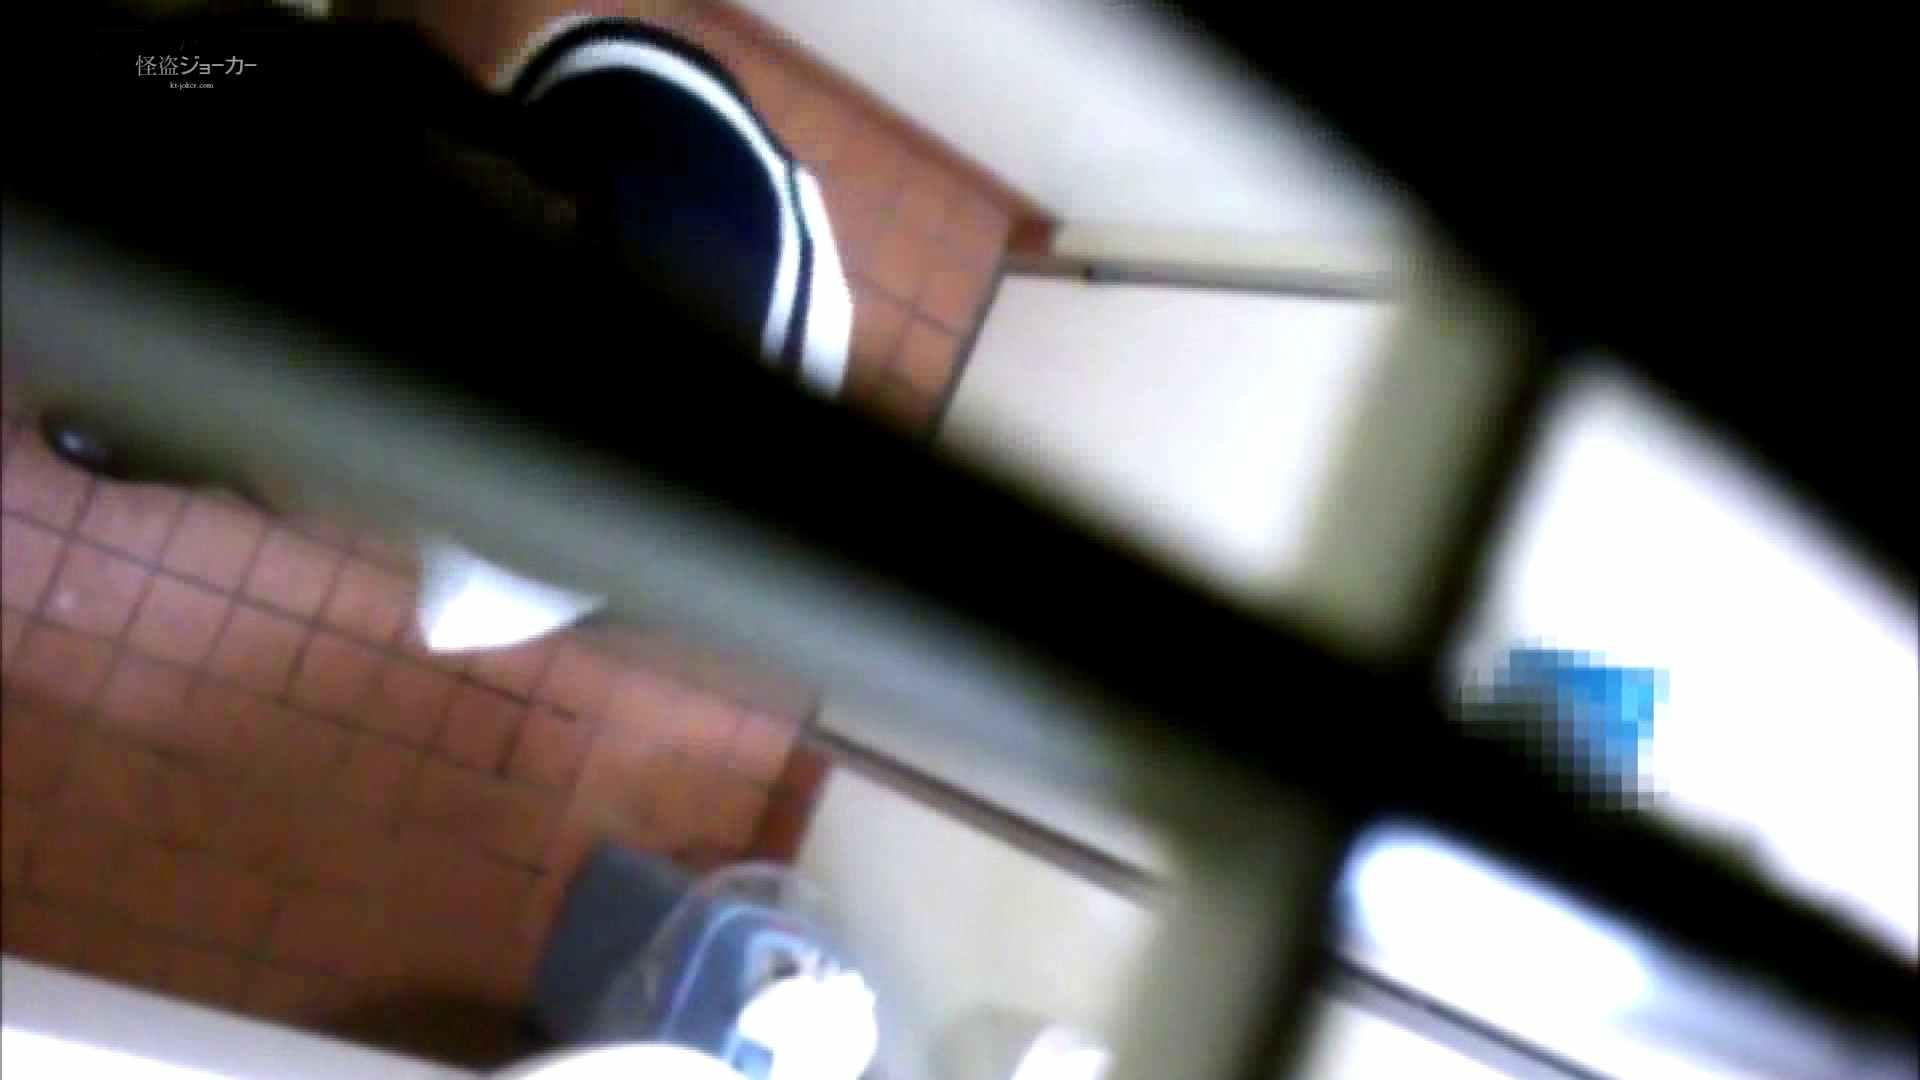 店長代理の盗撮録 Vol.02 制服ばかりをあつめてみました。その2 期間限定 盗撮ワレメ無修正動画無料 47pic 43